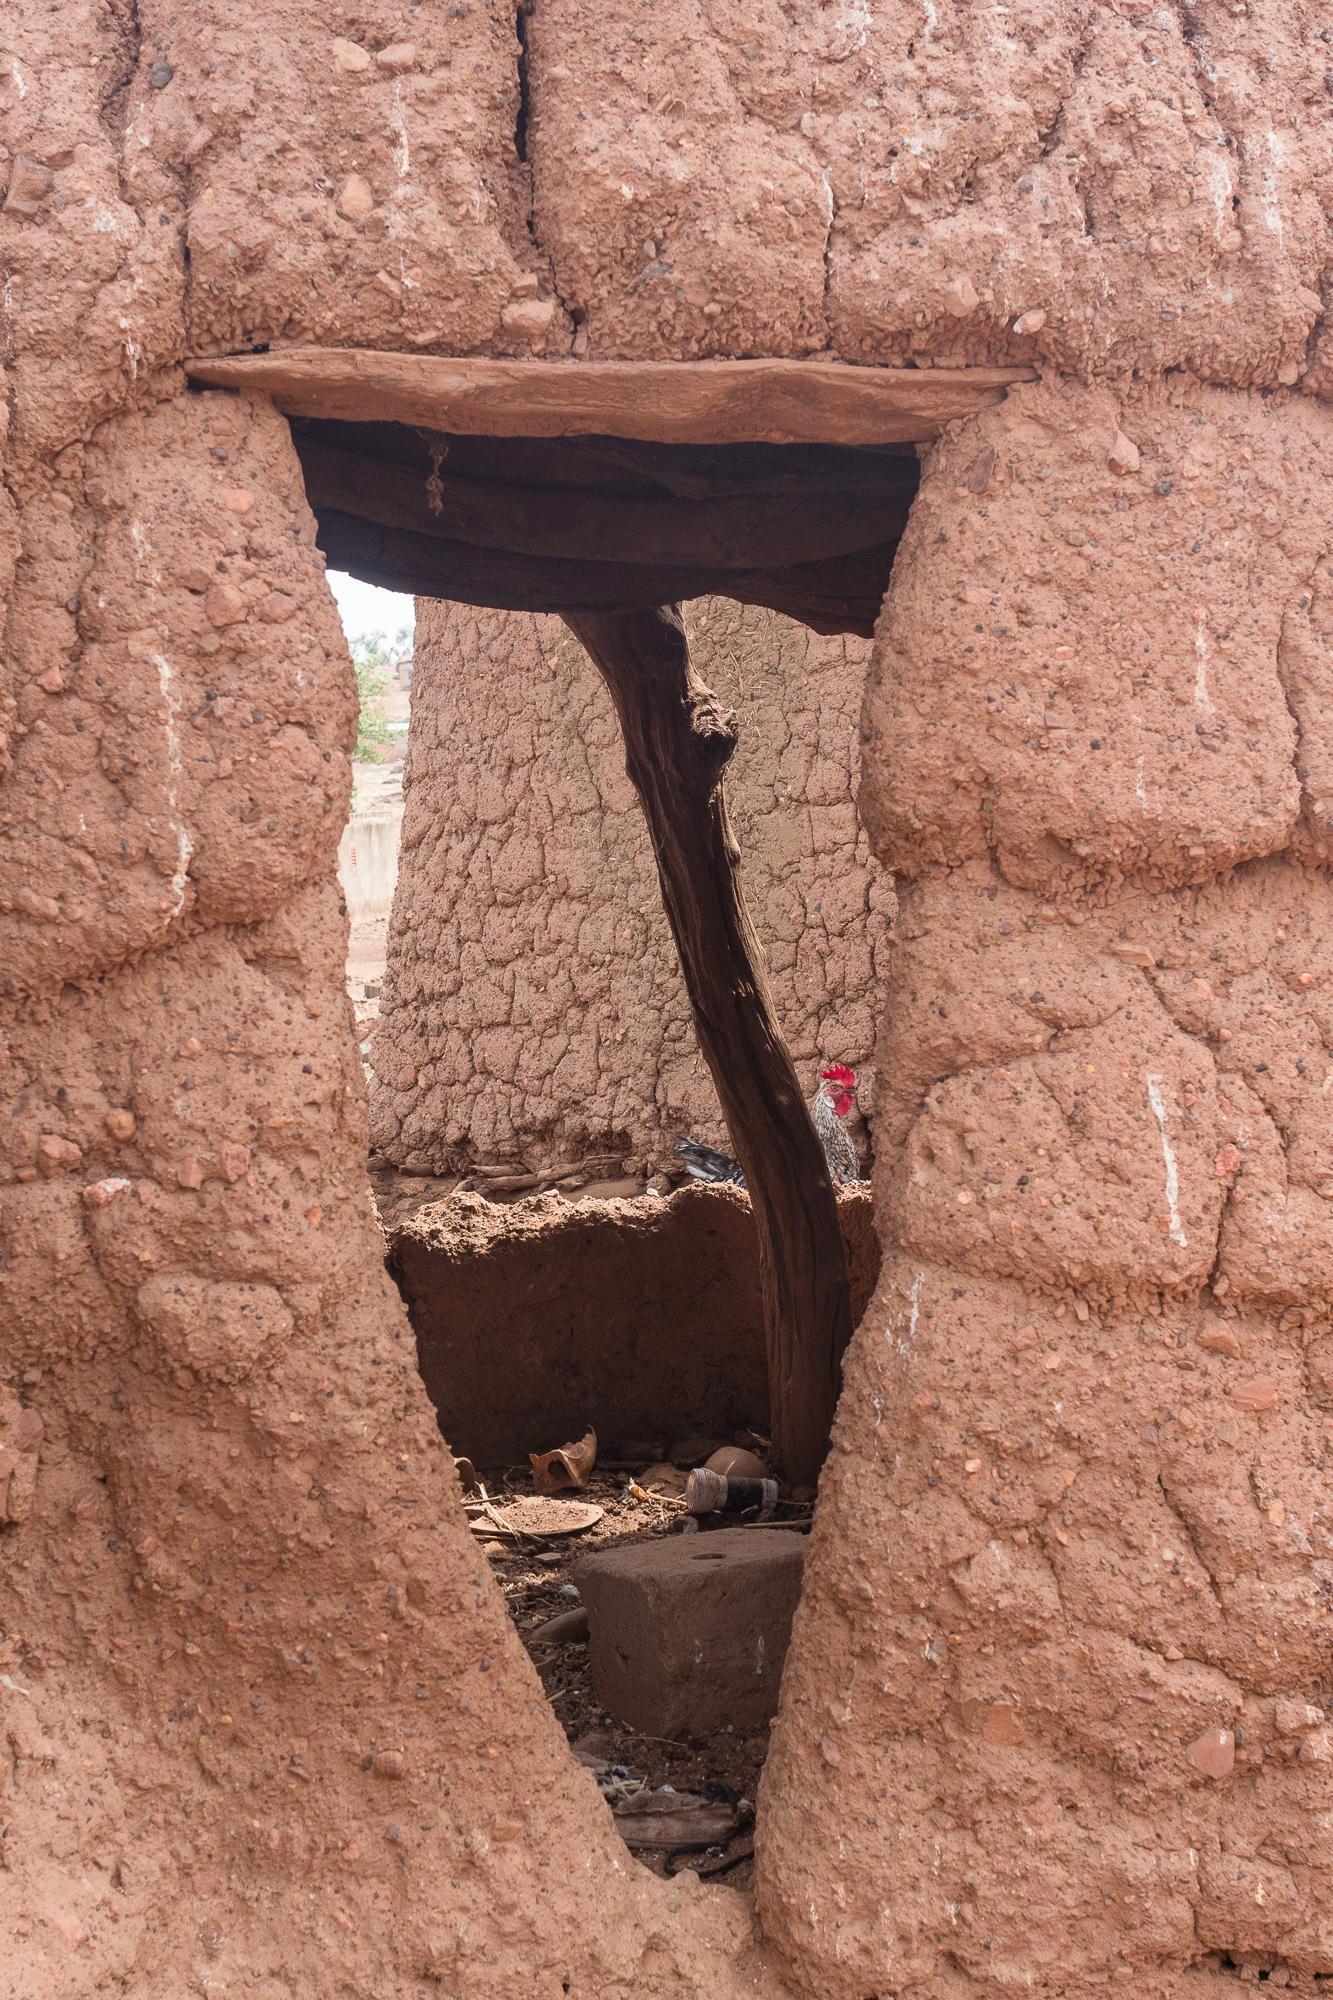 Ouverture sur l'intérieur d'une case et petite poule dans le fond, village Lobi de Sansana, Burkina Faso